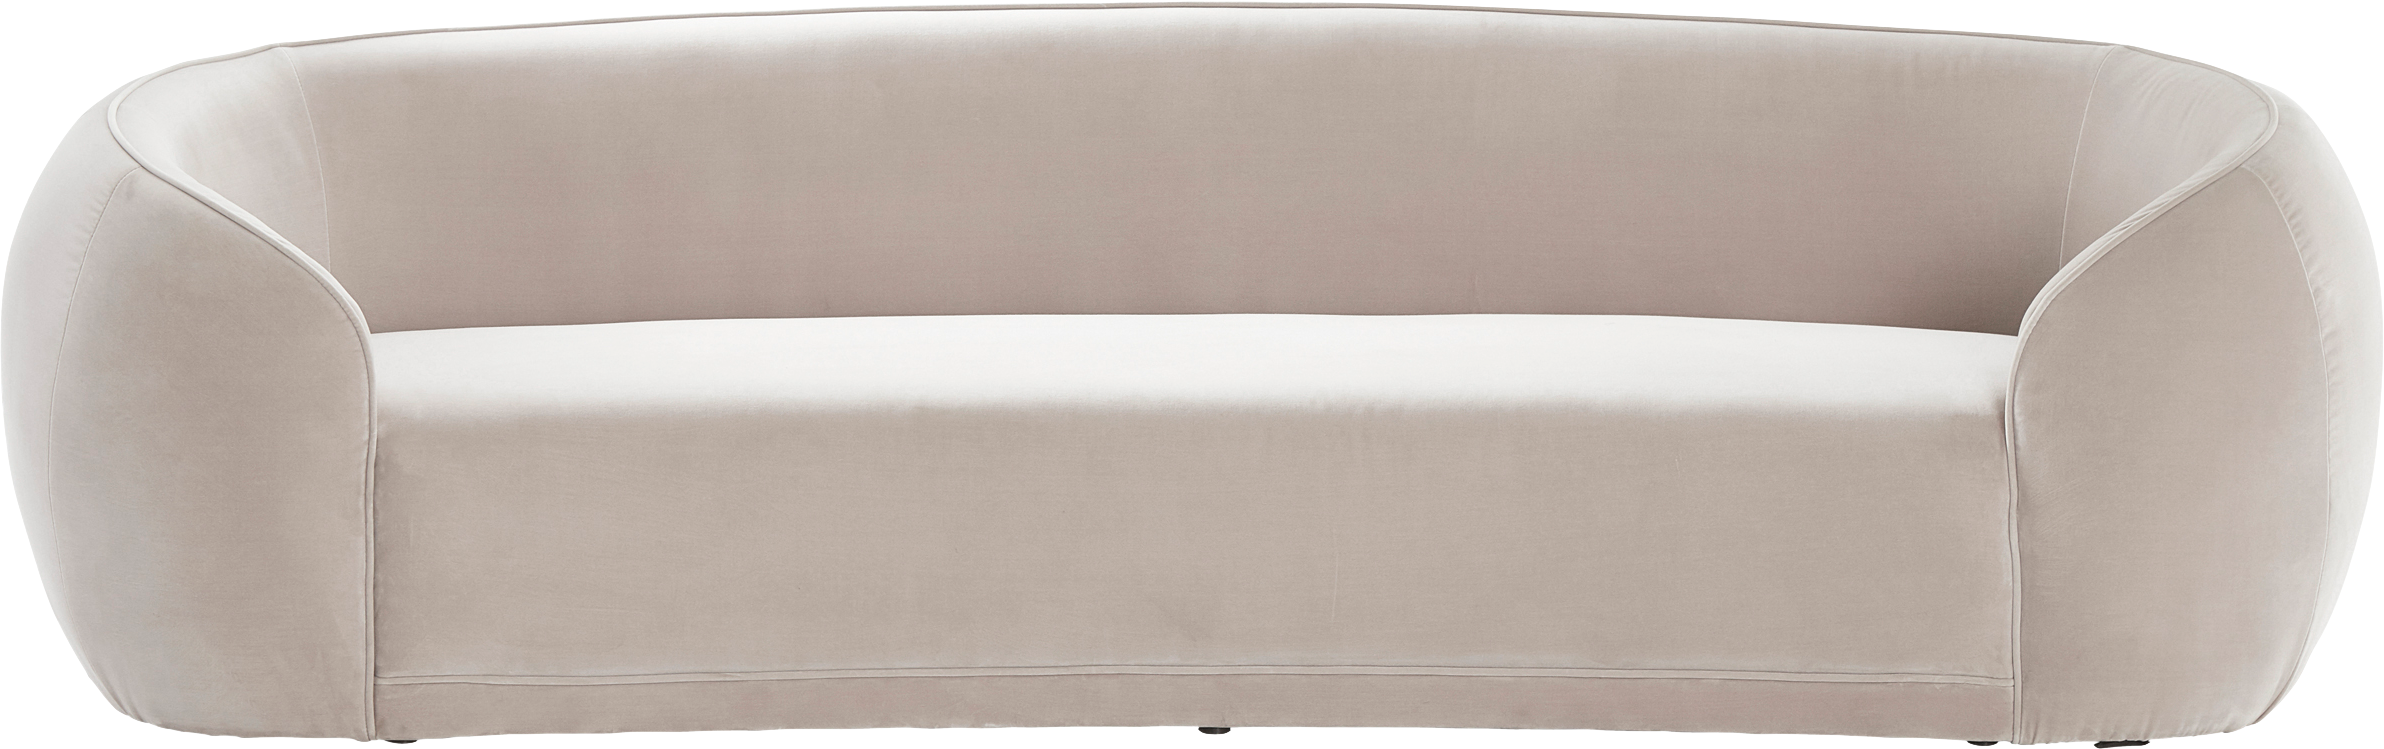 Sofá de terciopelo Austin (3plazas), Tapizado: 89%algodón, 11%poliéste, Estructura: madera, Terciopelo beige, An 232 x F 92 cm